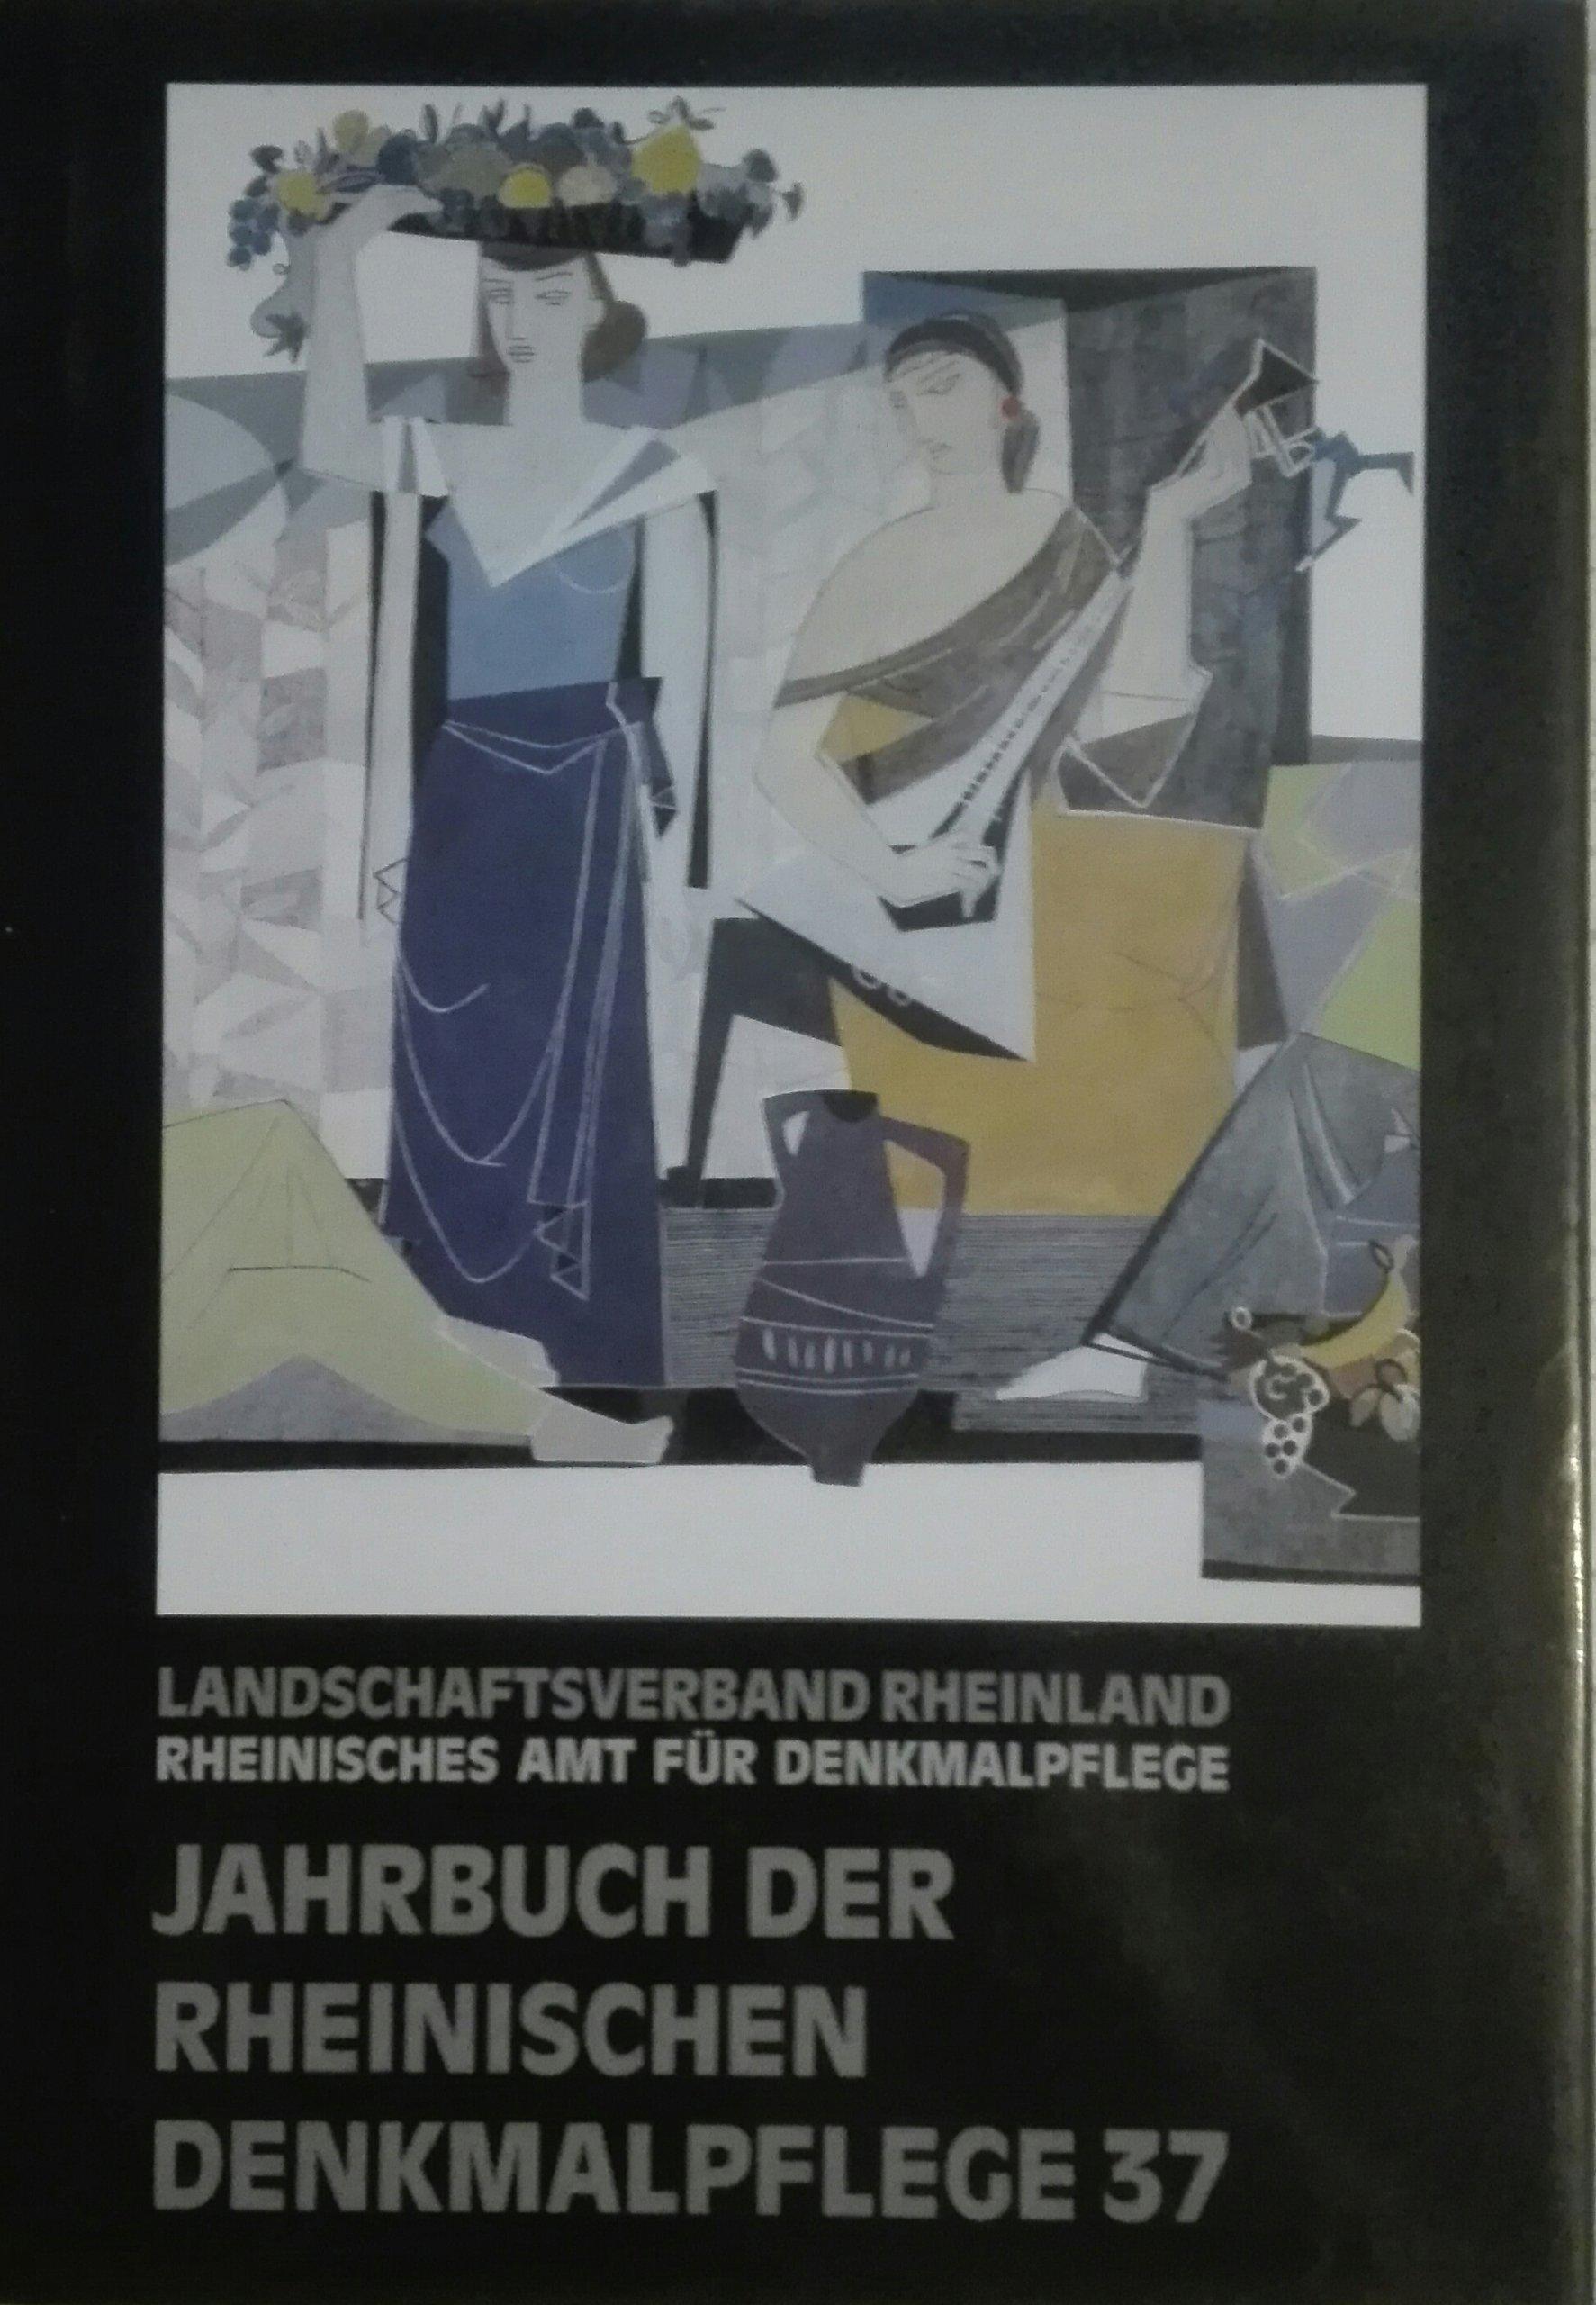 Jahrbuch der Rheinischen Denkmalpflege 37 SPK